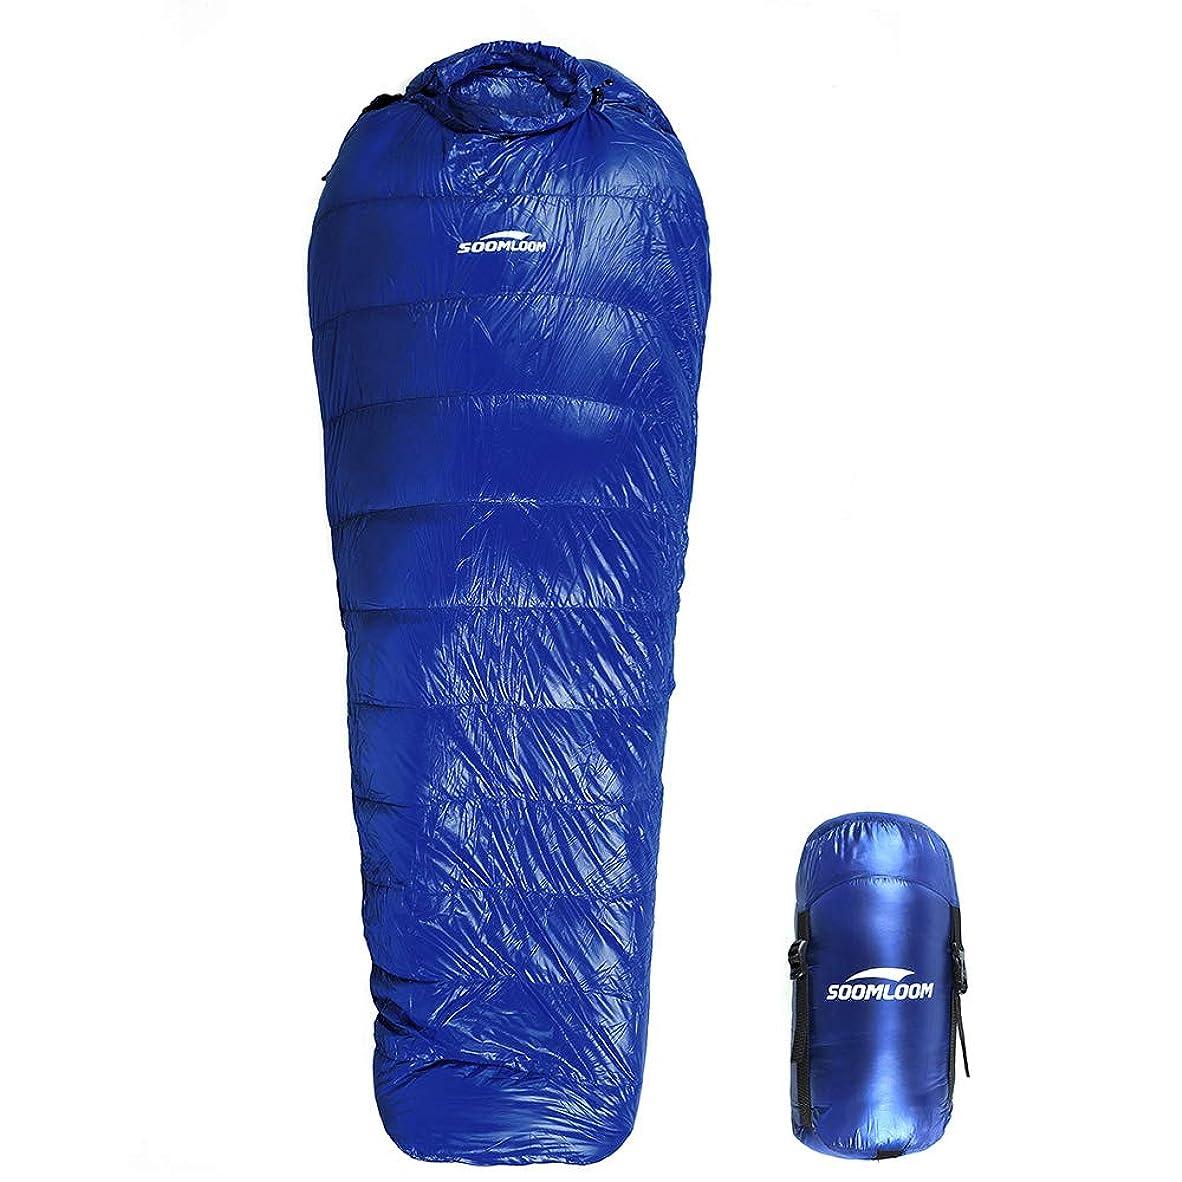 接触守る冷笑するOhuhu 寝袋 封筒型 2人用 防水 シュラフ 丸洗いok 連結可能 最低使用温度 -5度 黒/緑/青 選択可 車中泊 登山 キャンプ 枕二つ付き 収納パック付